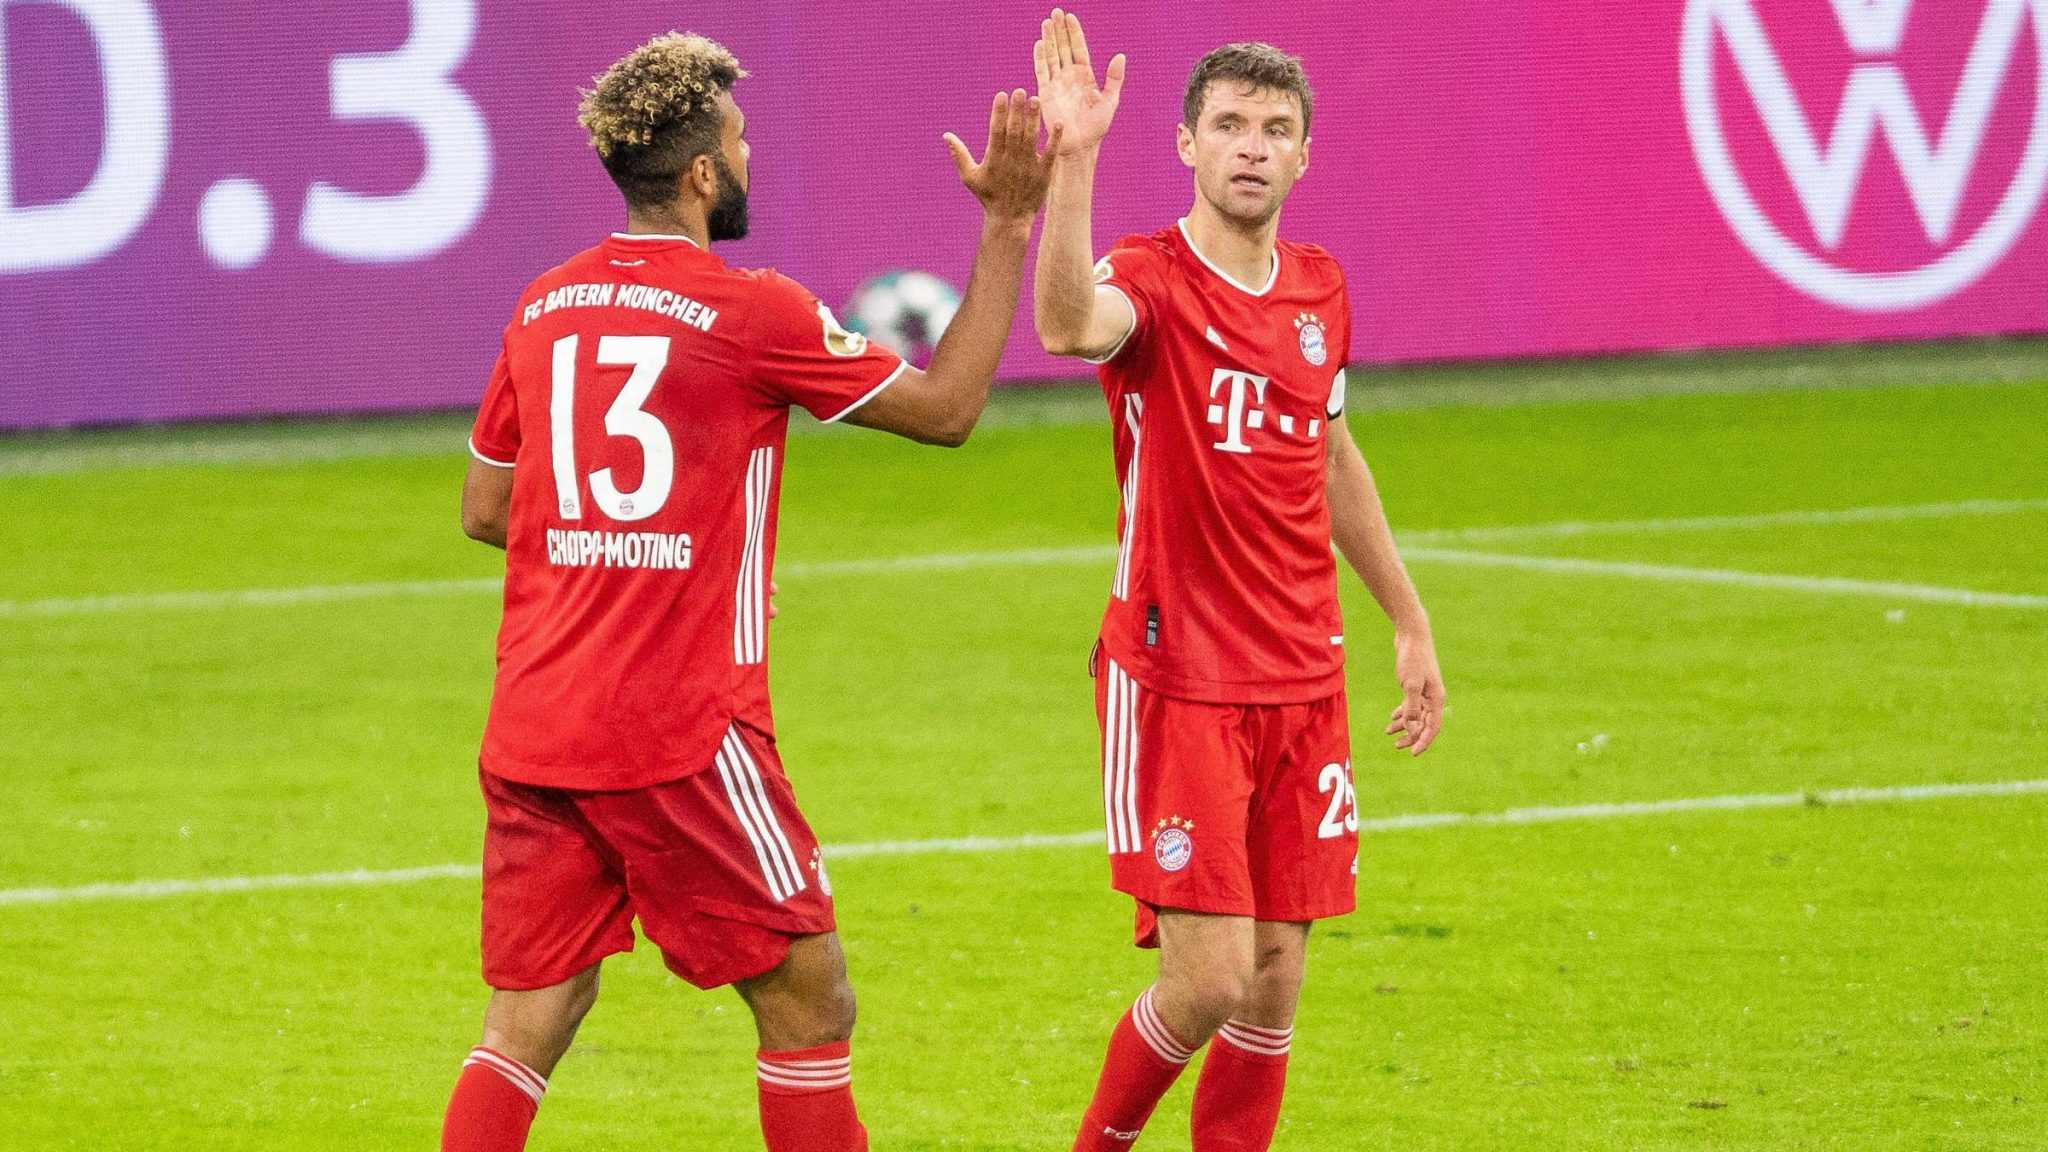 Bayernspiel Heute